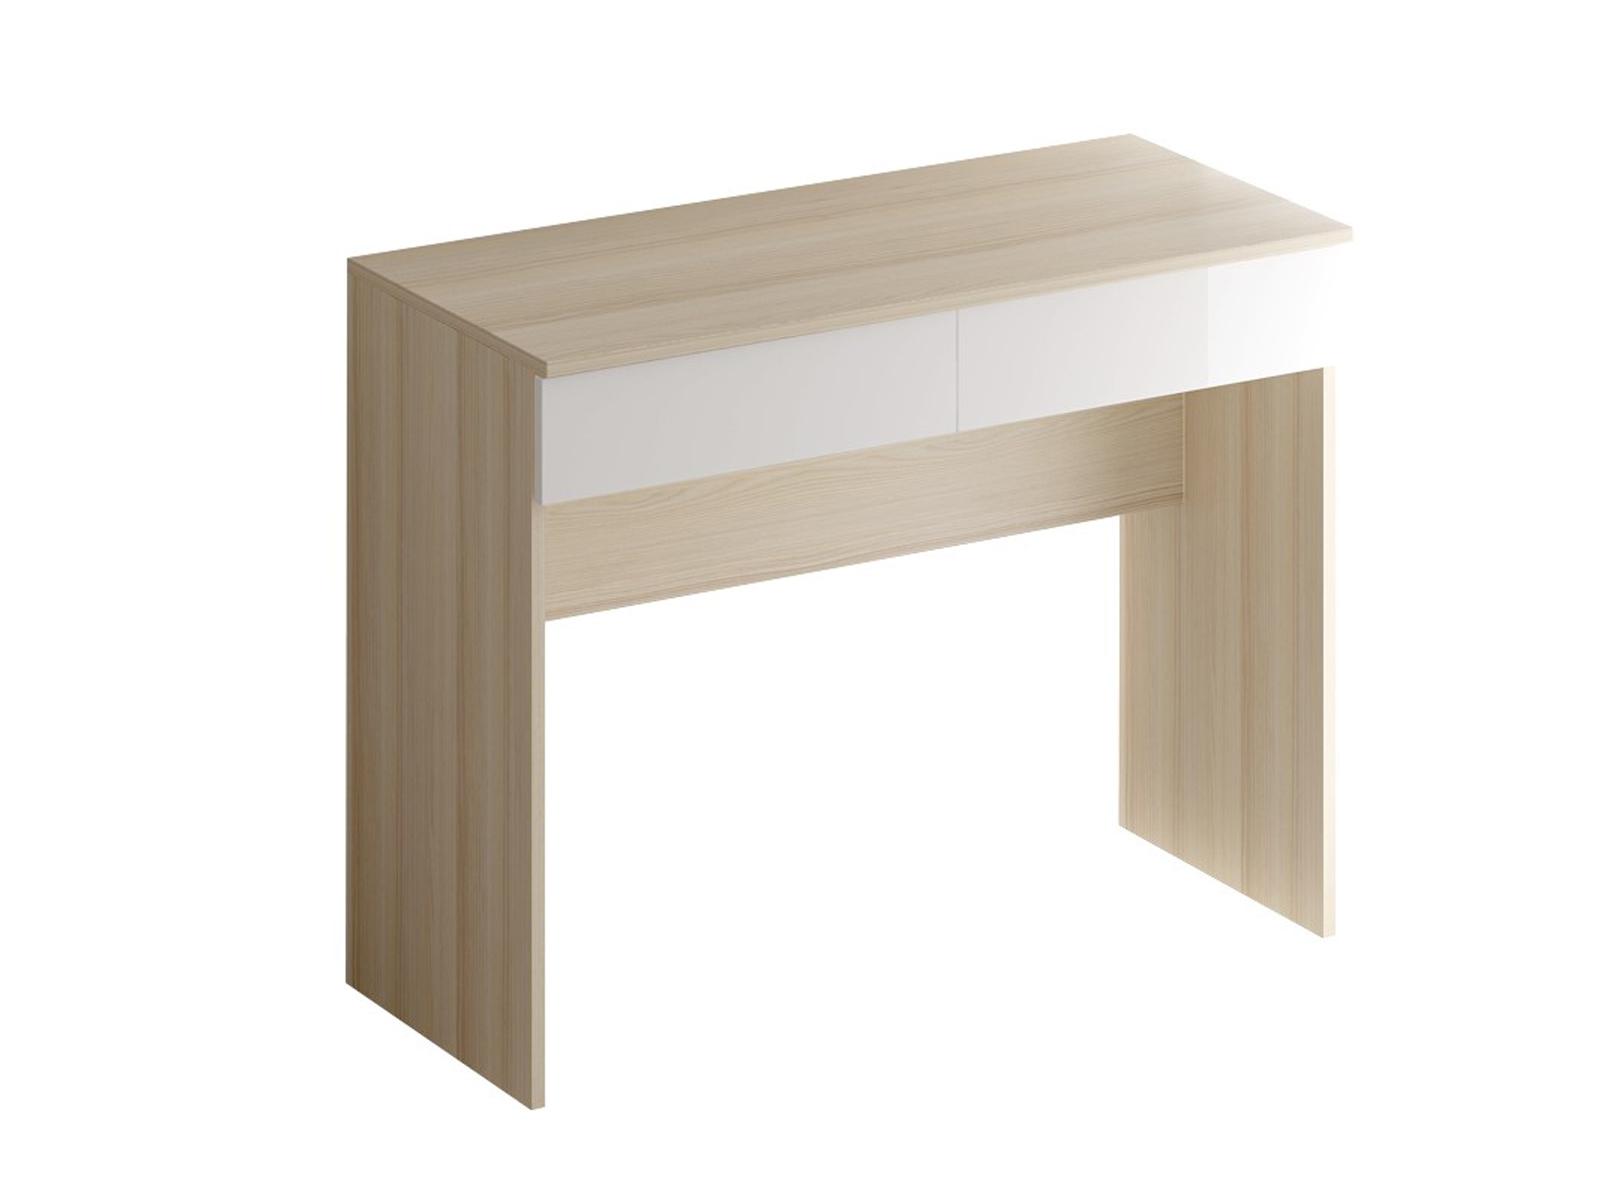 Туалетный столик UnoТуалетные столики<br>За этим туалетным столиком наводить красоту будет не только удобно, но и приятно. Он отлично впишется в интерьер в стиле лофт, а выдвижные ящика позволят всегда иметь самое необходимое под рукой.<br><br>Material: ДСП<br>Ширина см: 100<br>Высота см: 45<br>Глубина см: 78